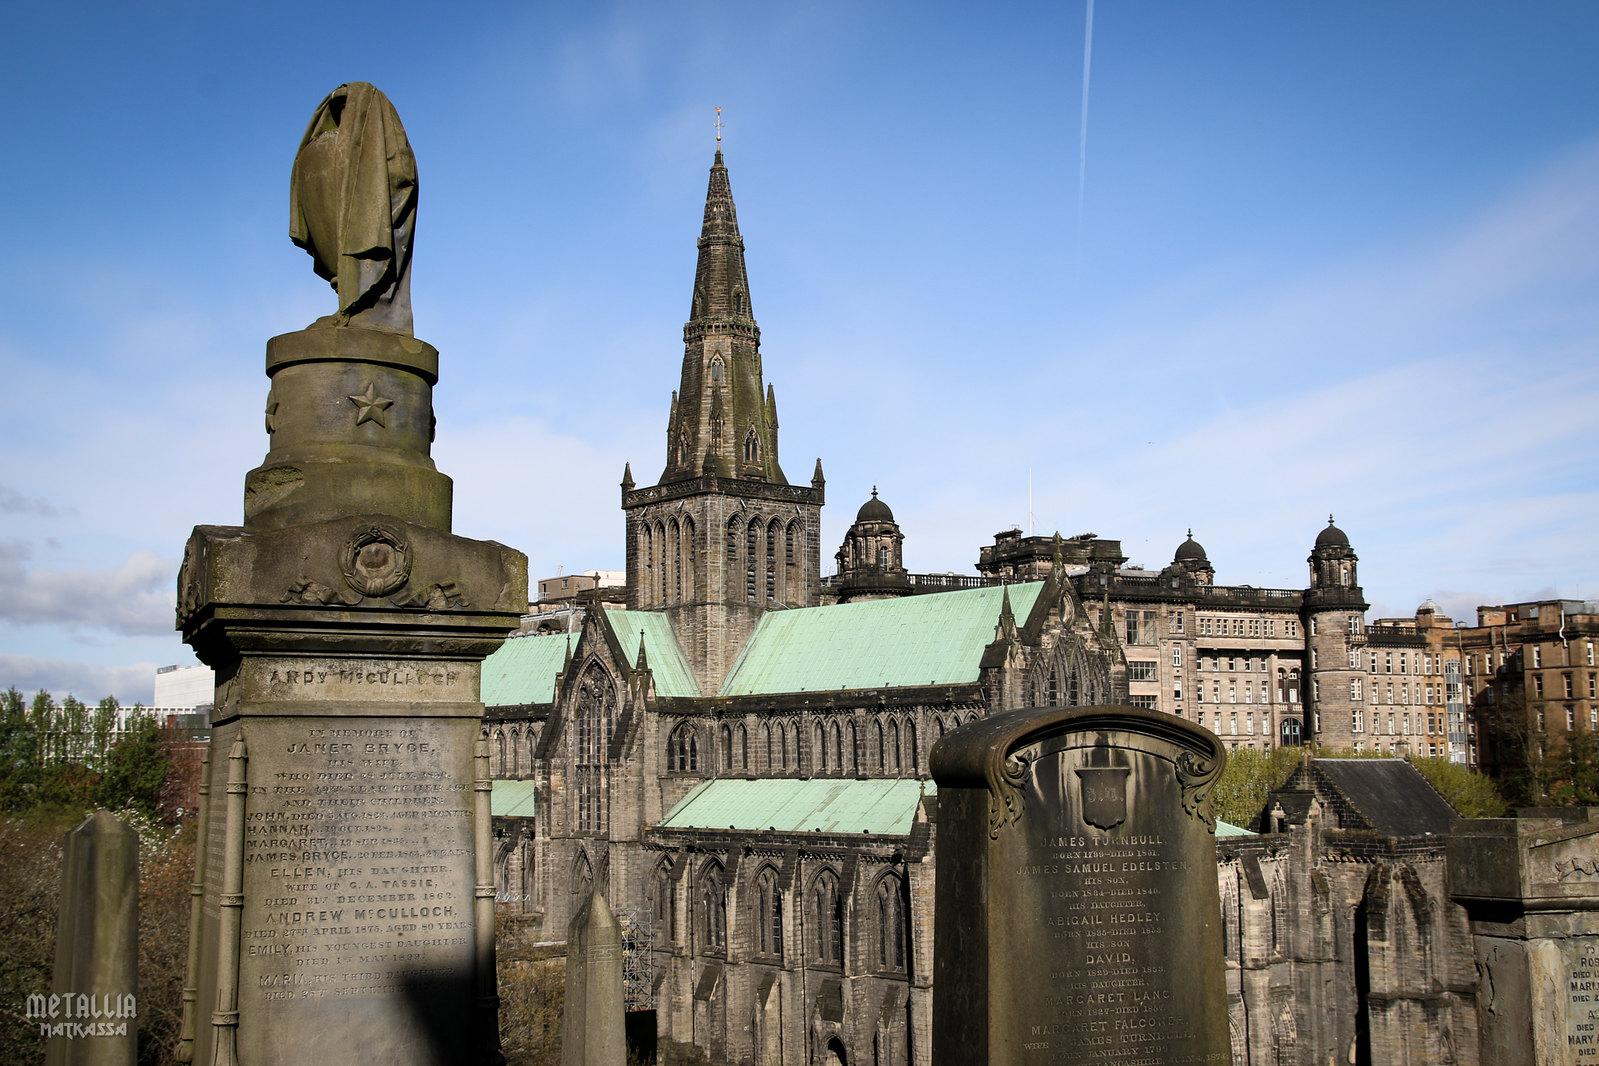 glasgow necropolis, glasgow cemeteries, victorian cemeteries, glasgow cathedral